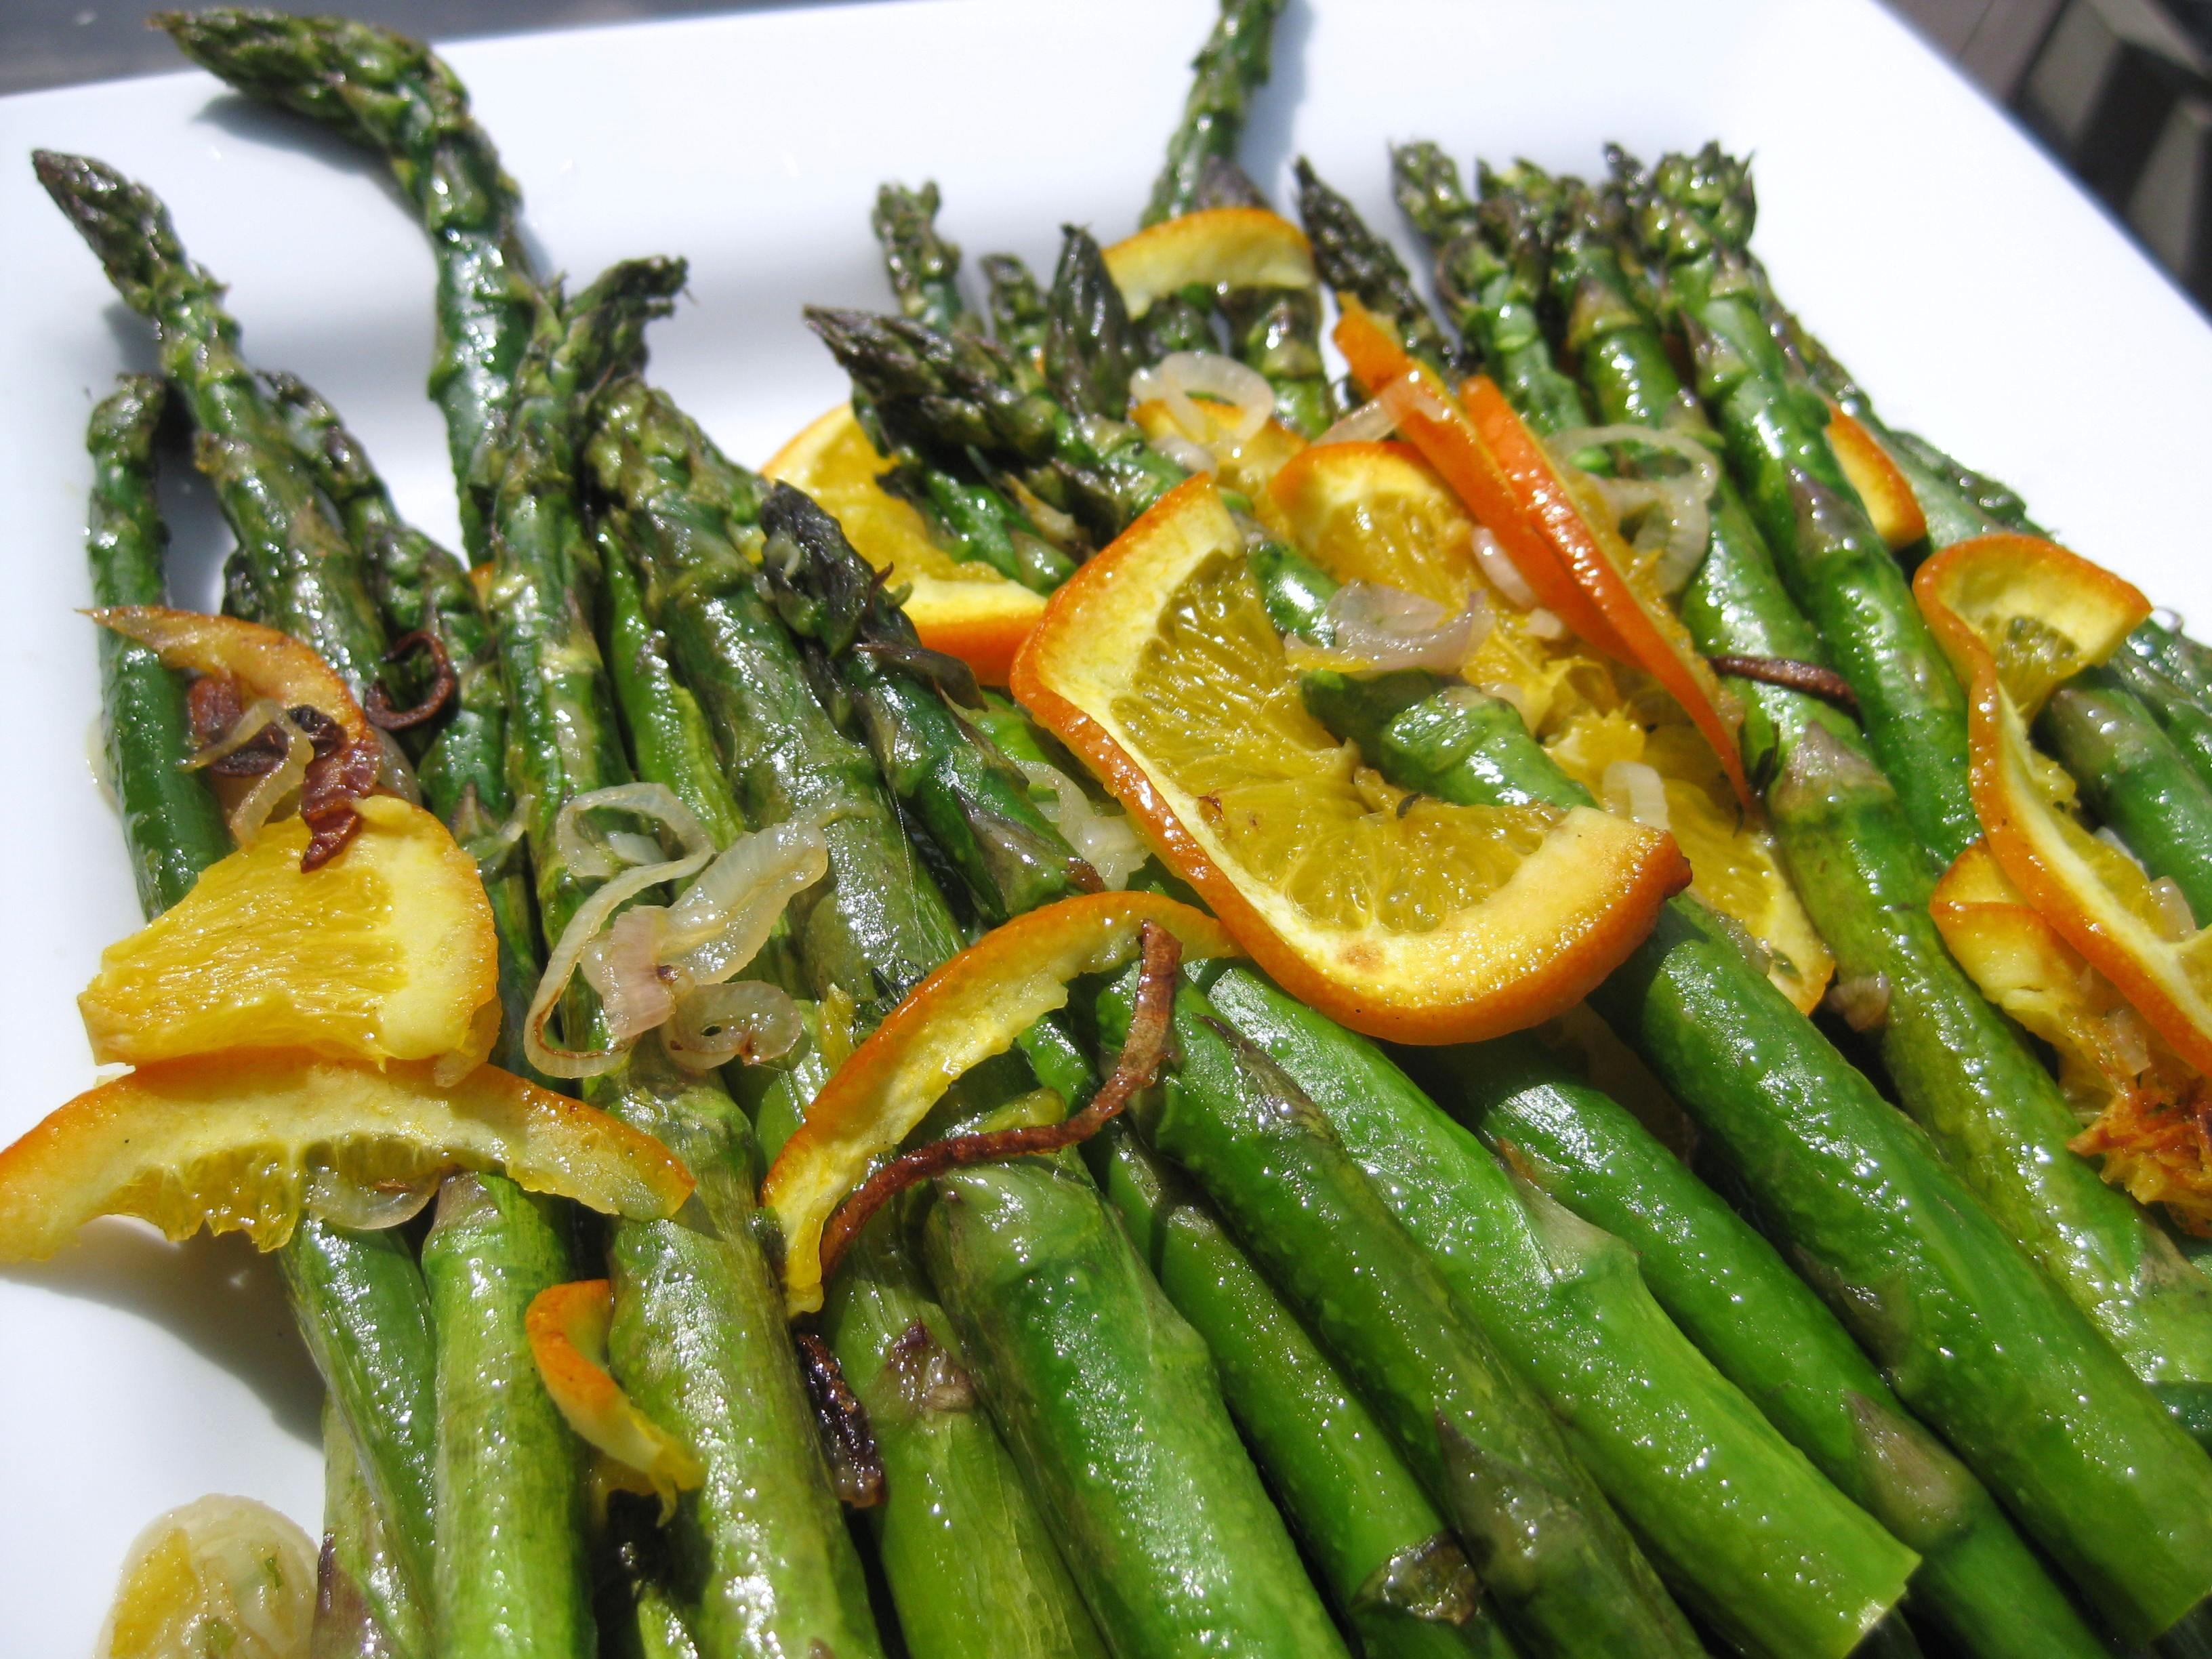 asparagusorange